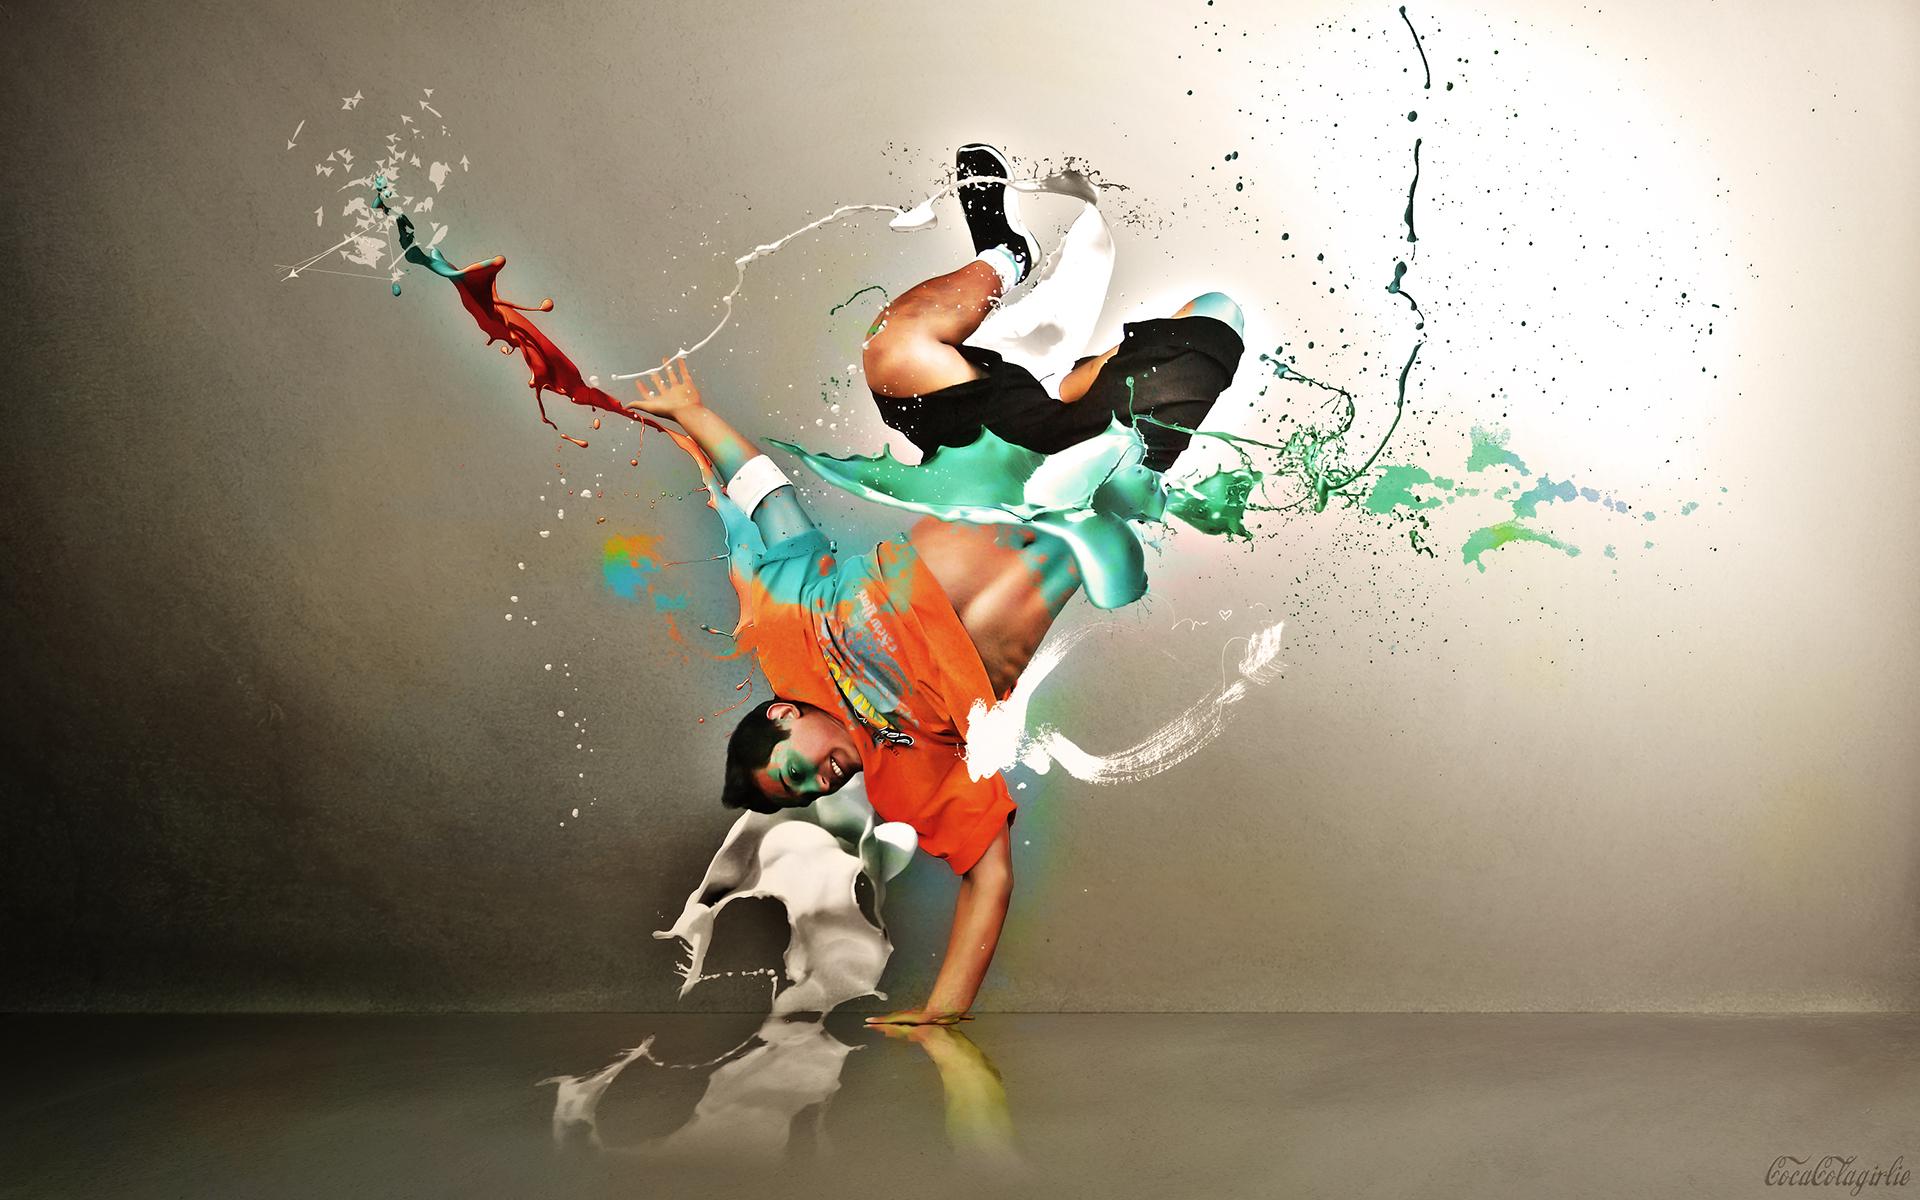 Art pictures | digital art dance Wallpaper | ART  | Pinterest